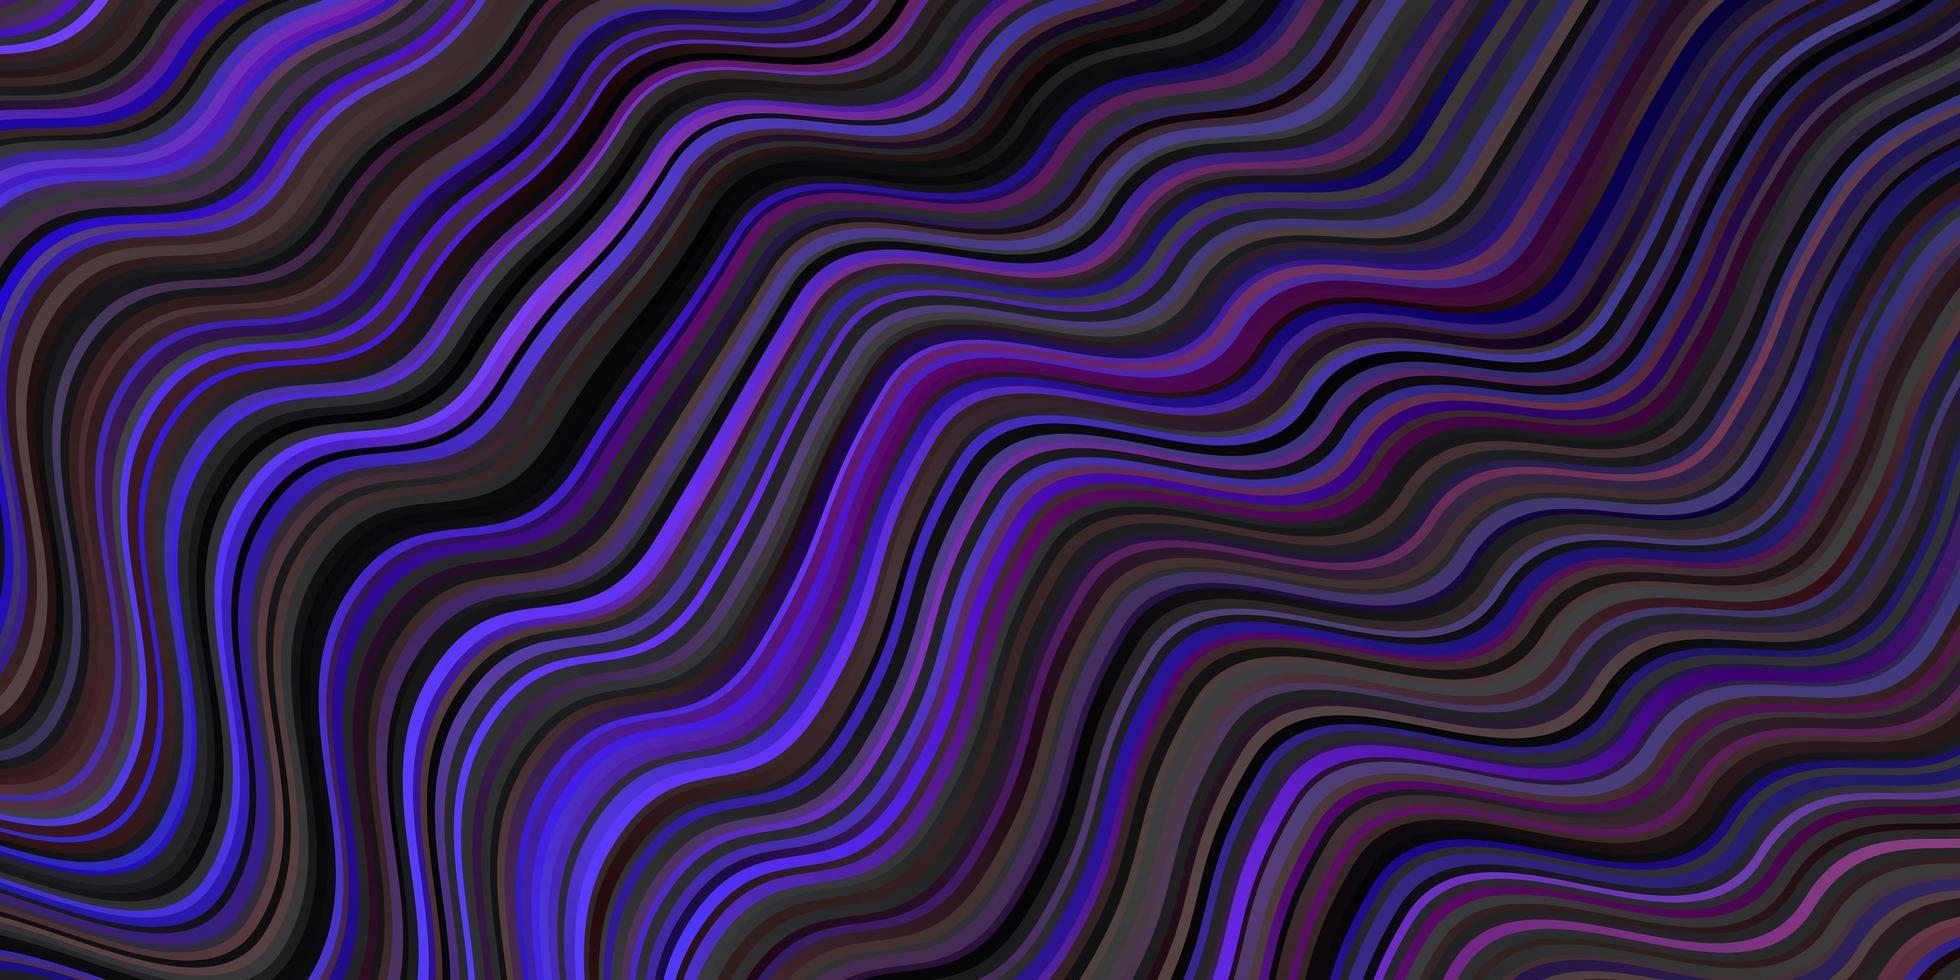 Fondo de vector azul oscuro, rojo con líneas curvas